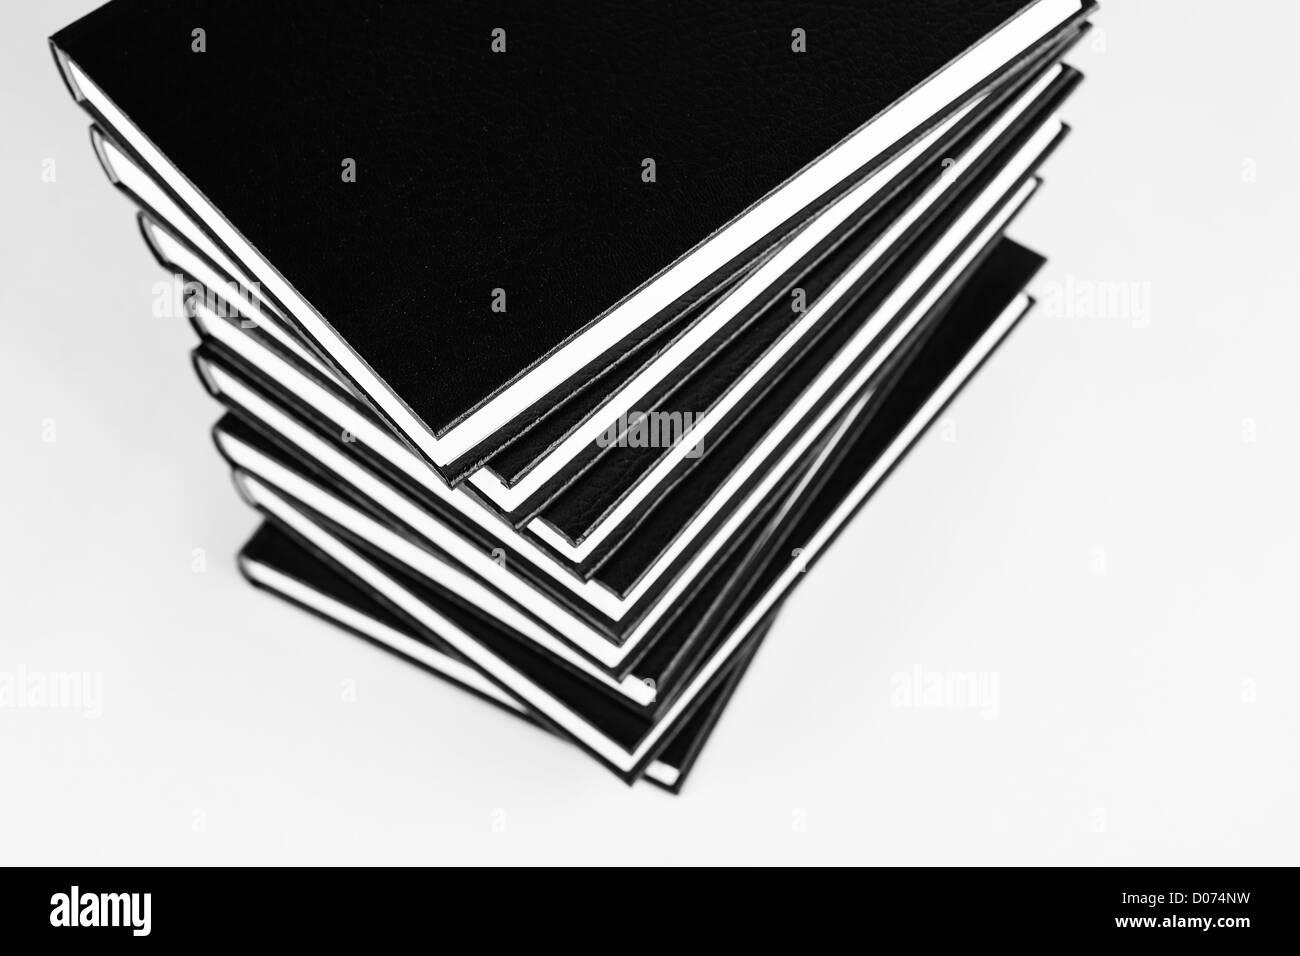 De nombreux livres en une pile photo en noir et blanc. Photo Stock